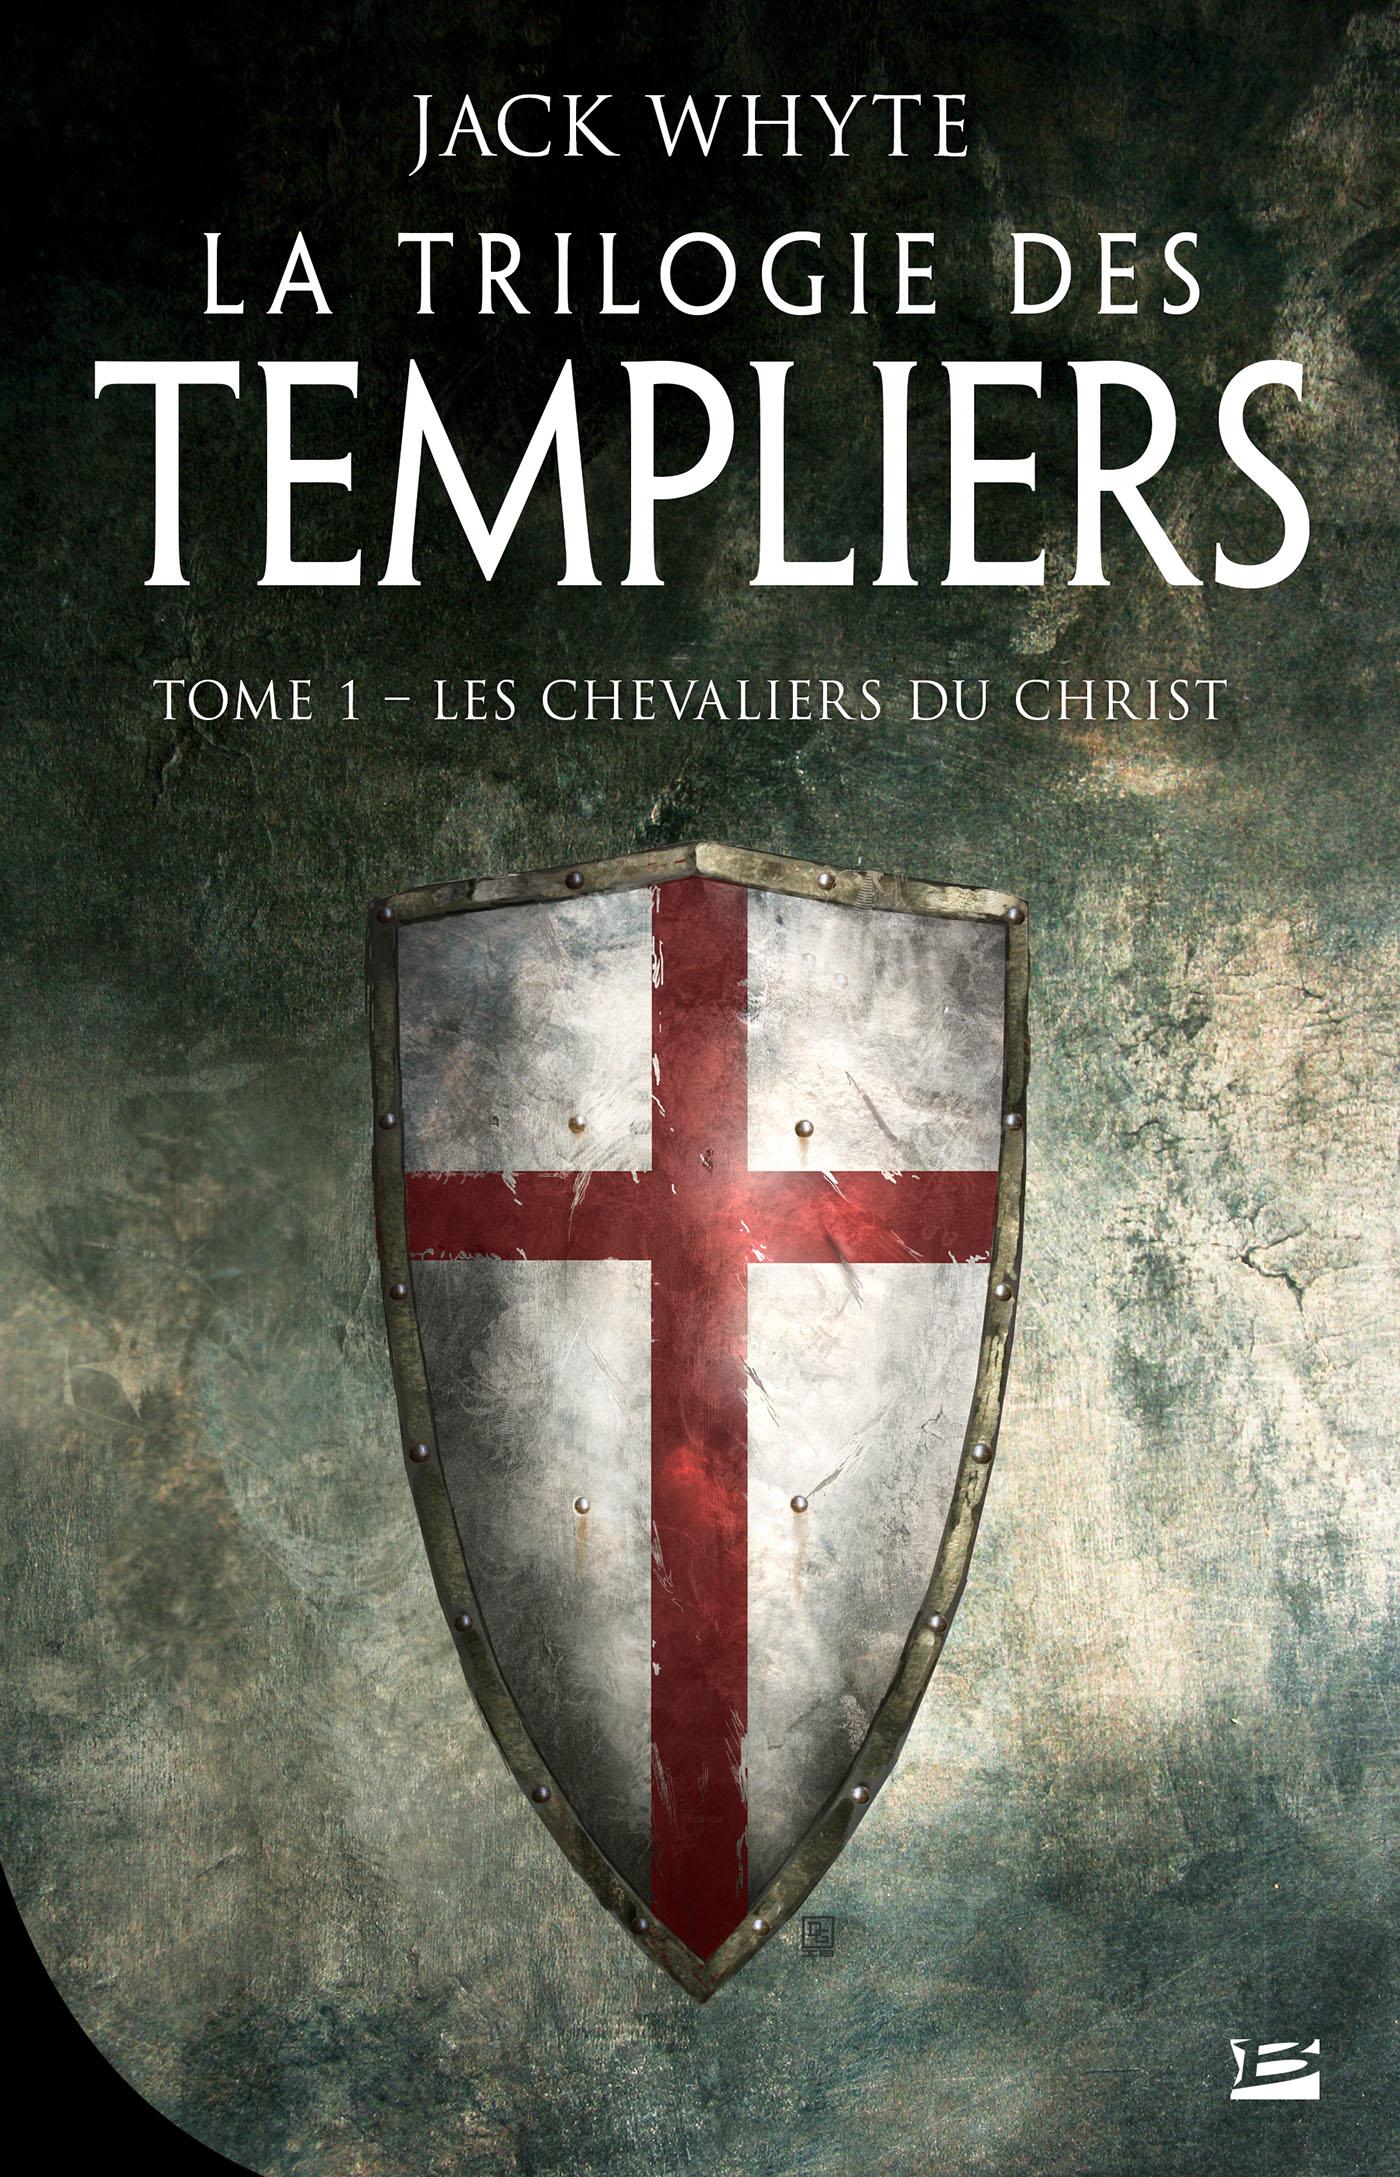 cdn1.booknode.com/book_cover/1068/full/la-trilogie-des-templiers-tome-1-les-chevaliers-du-christ-1067714.jpg